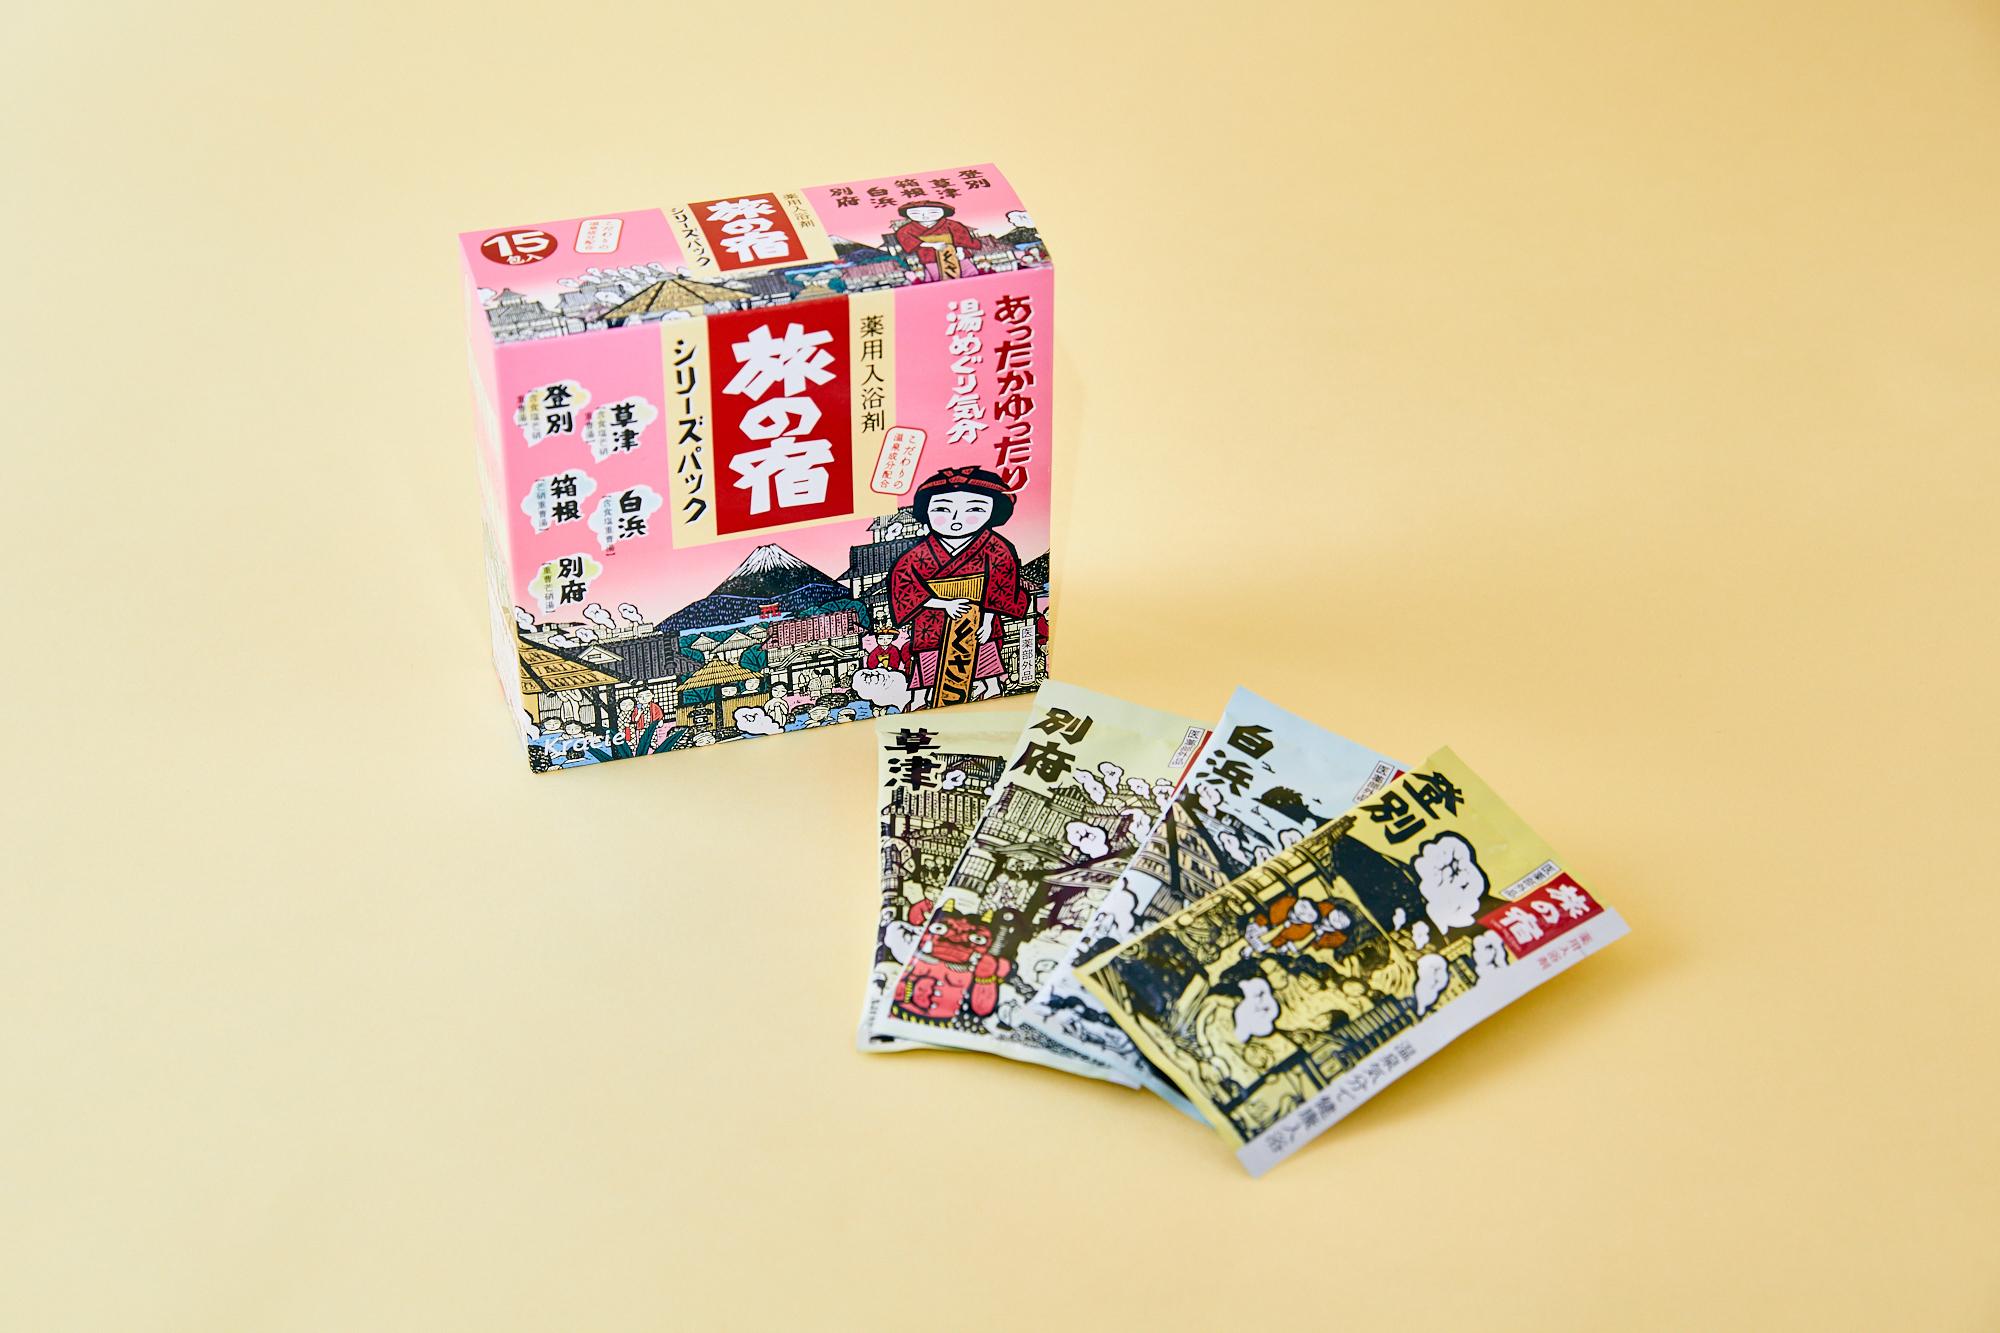 Onsen bath powder